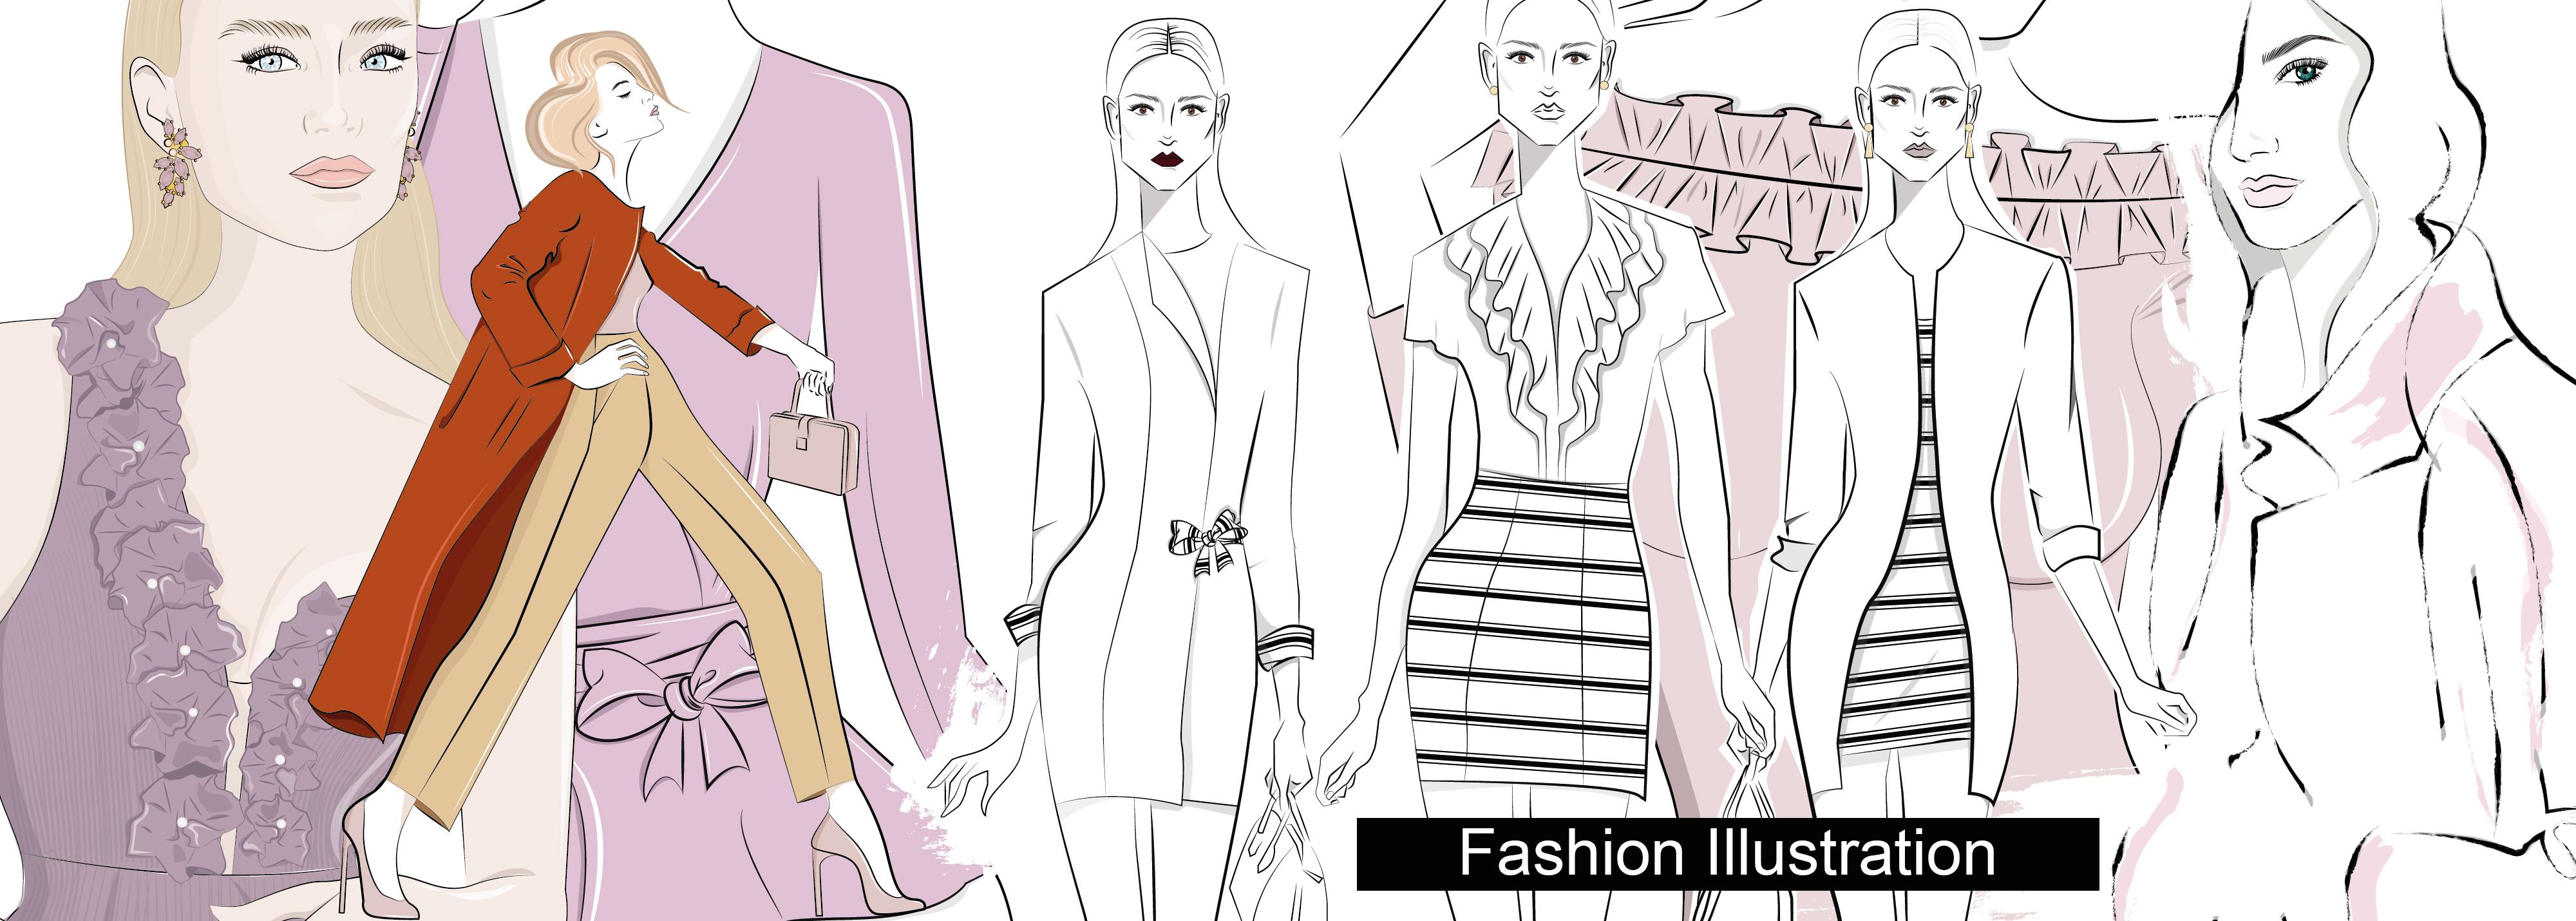 fashion_illustration_youcreate